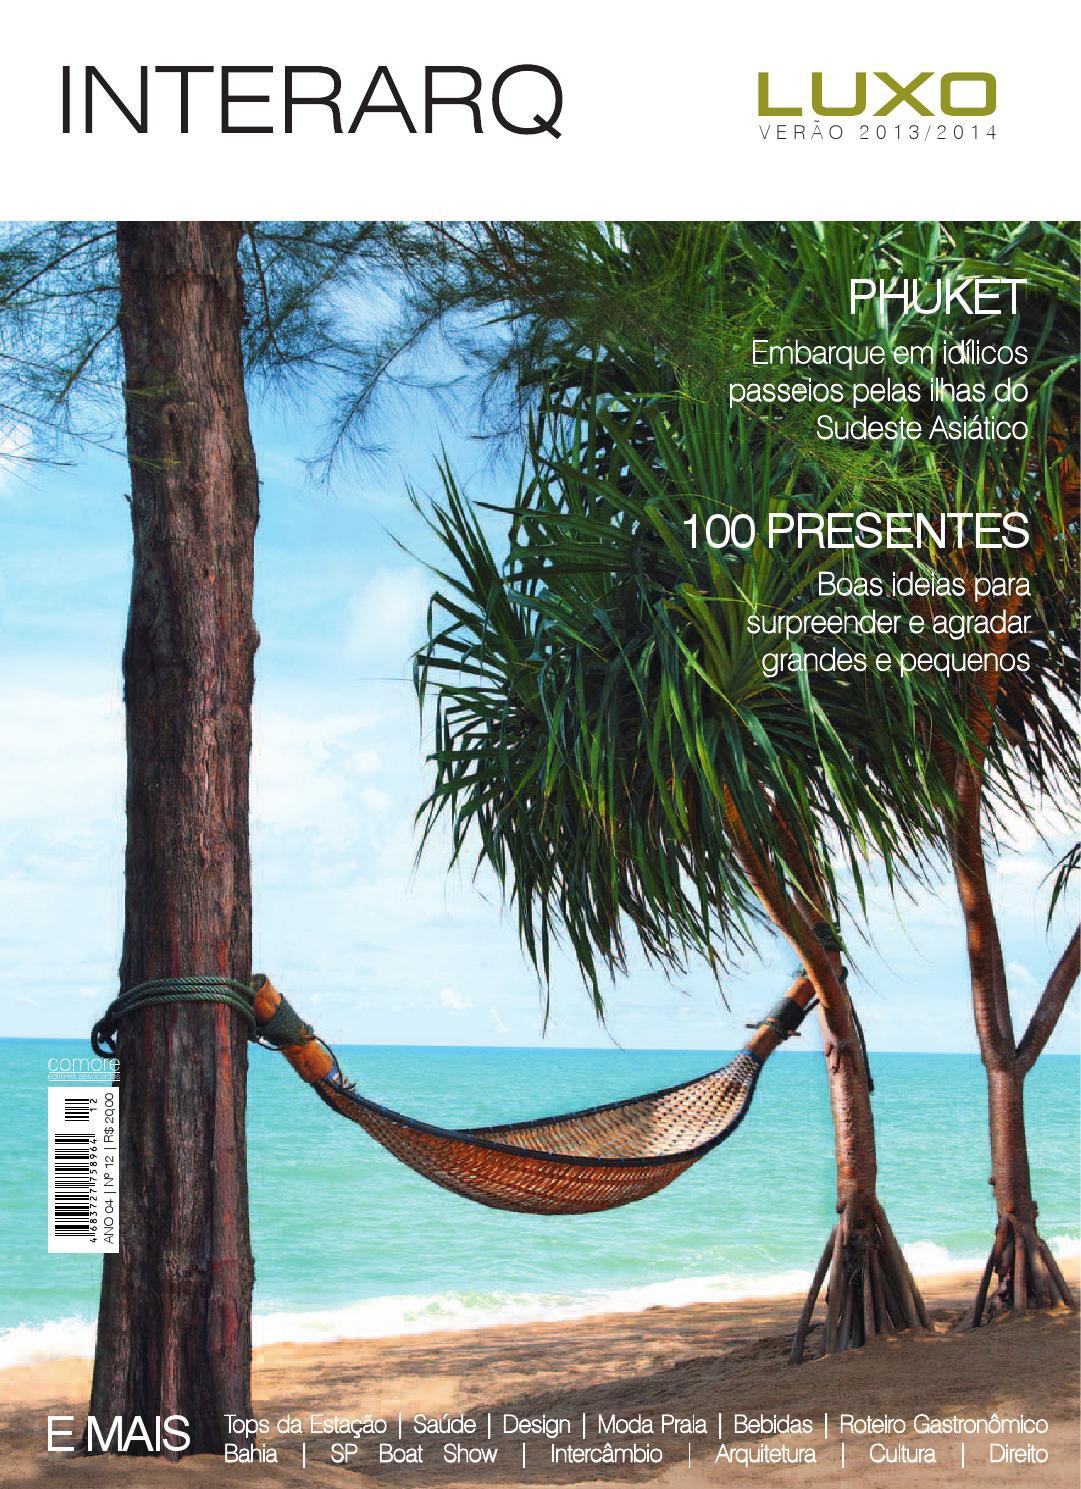 99b65a356 Revista InterArq Luxo Verão 2013/2014 by Revista InterArq - issuu